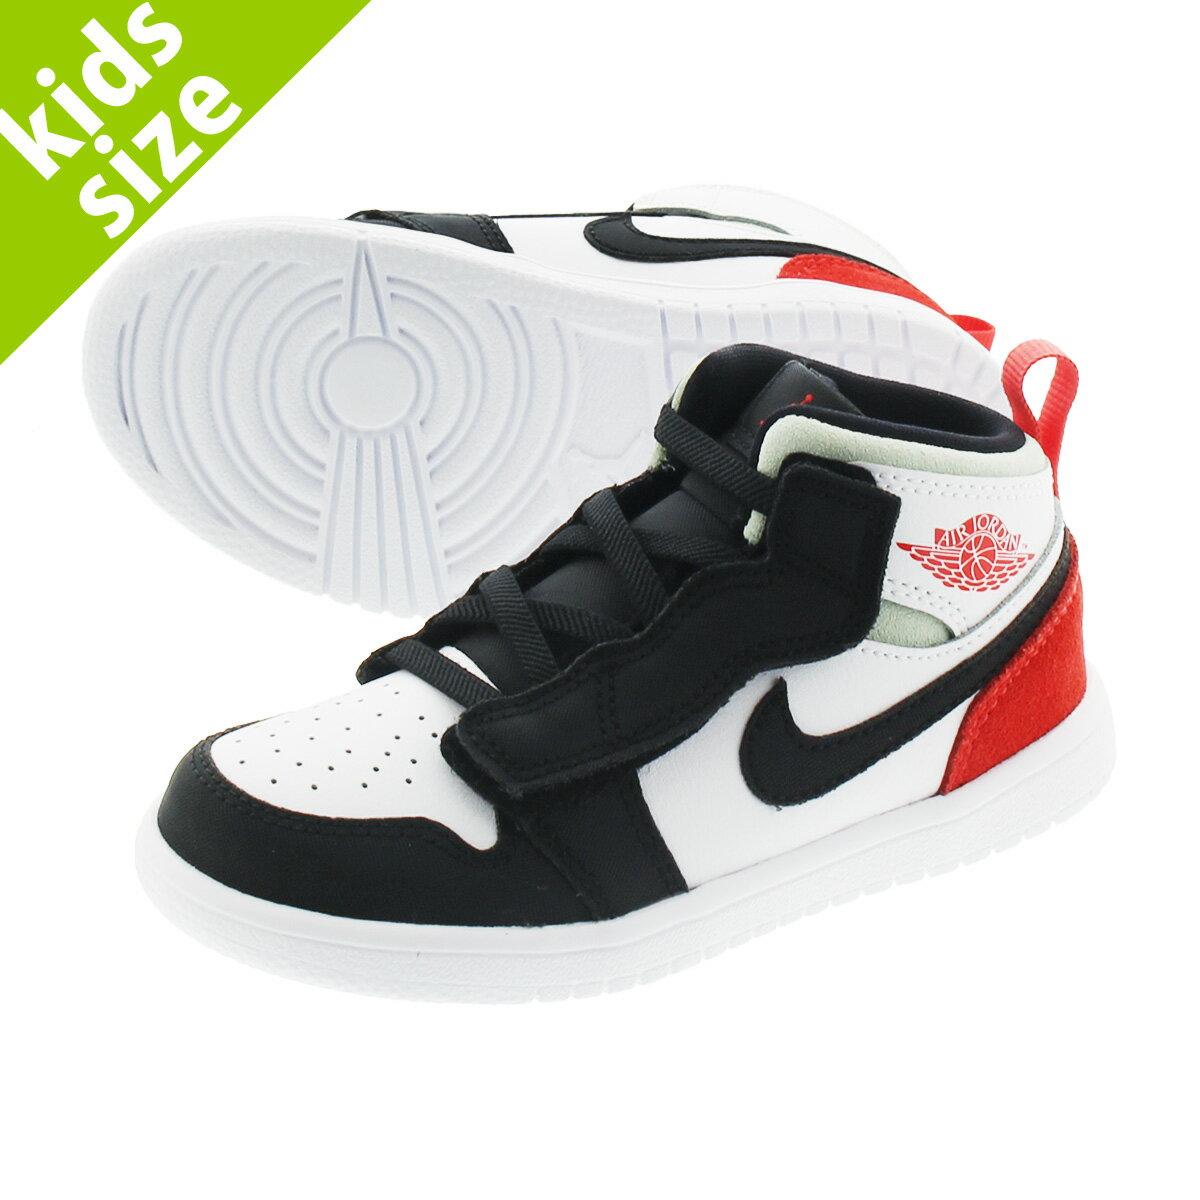 靴, スニーカー 8.016.0cm NIKE AIR JORDAN 1 MID ALT TD 1 ALT TD WHITETRACK REDBLACKIGLOO ar6352-100